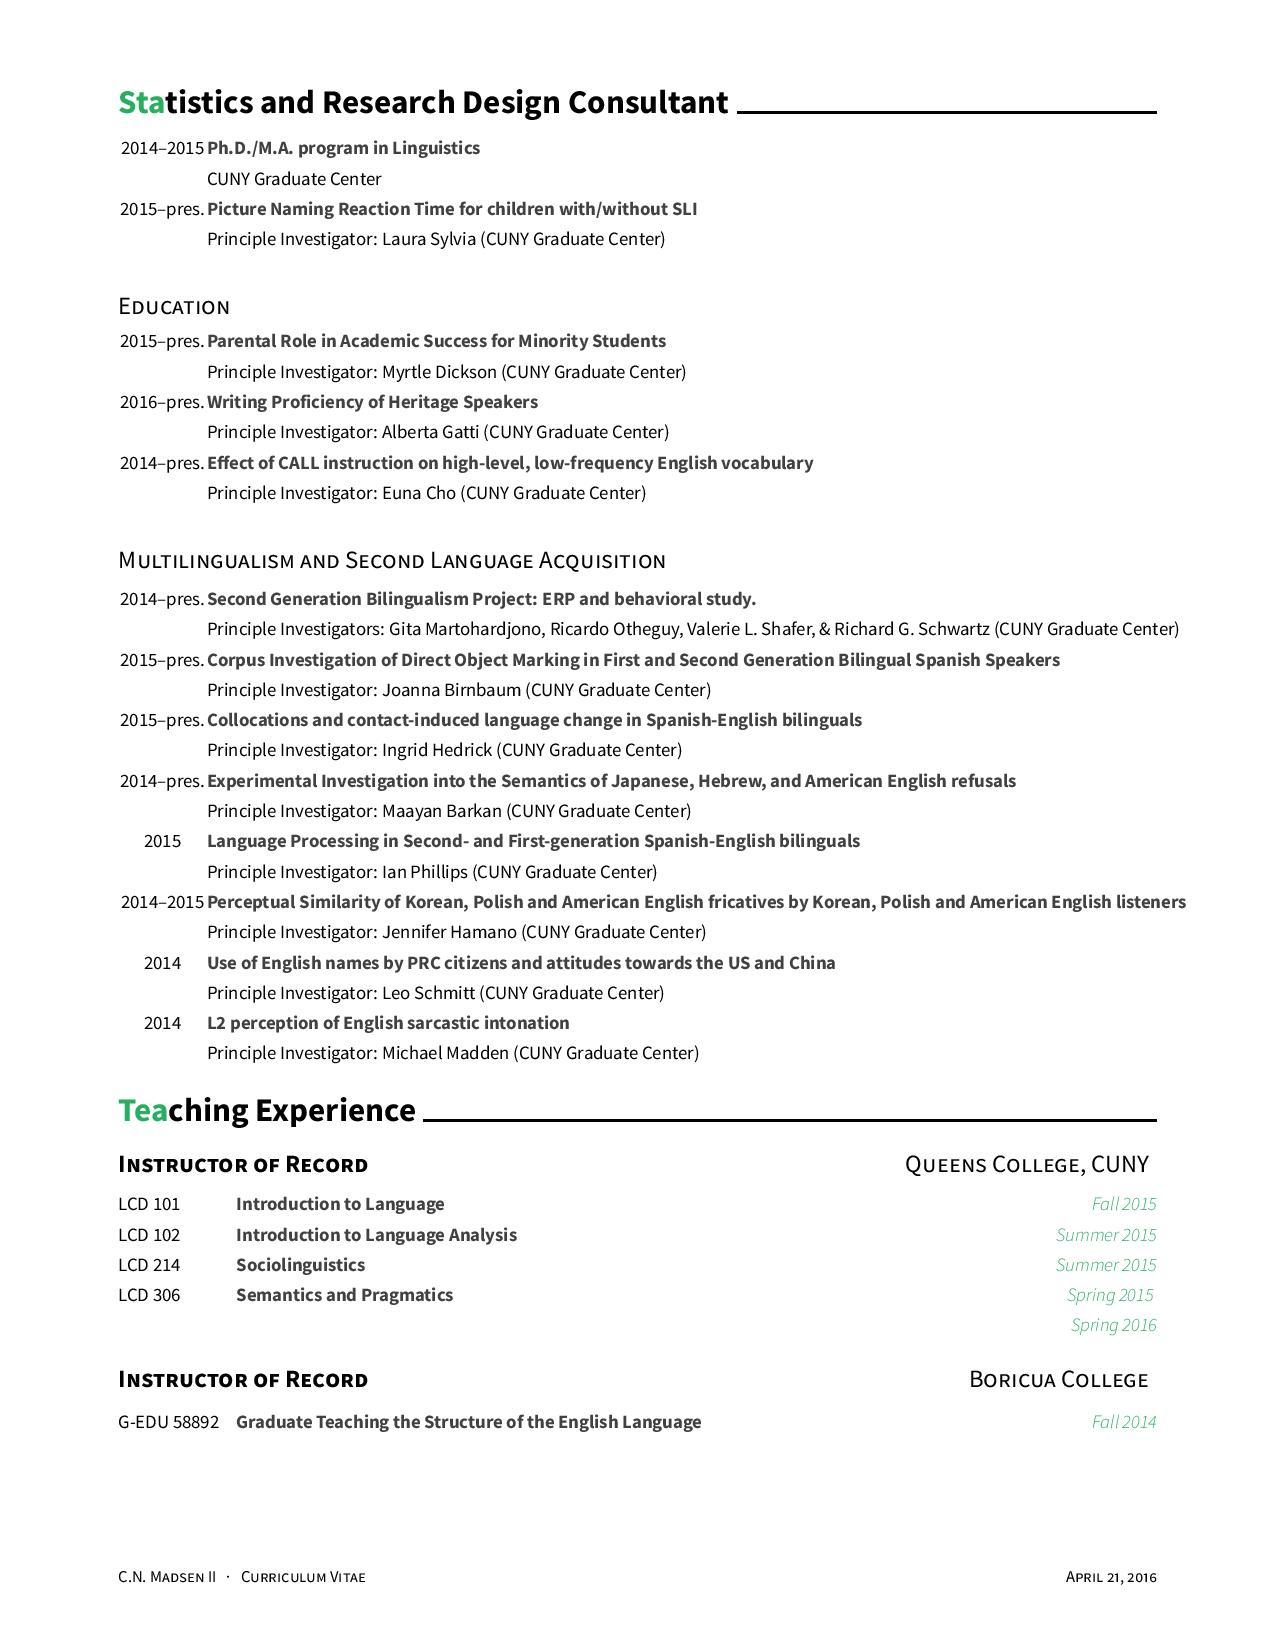 Madsen_CV_20160421-page-002